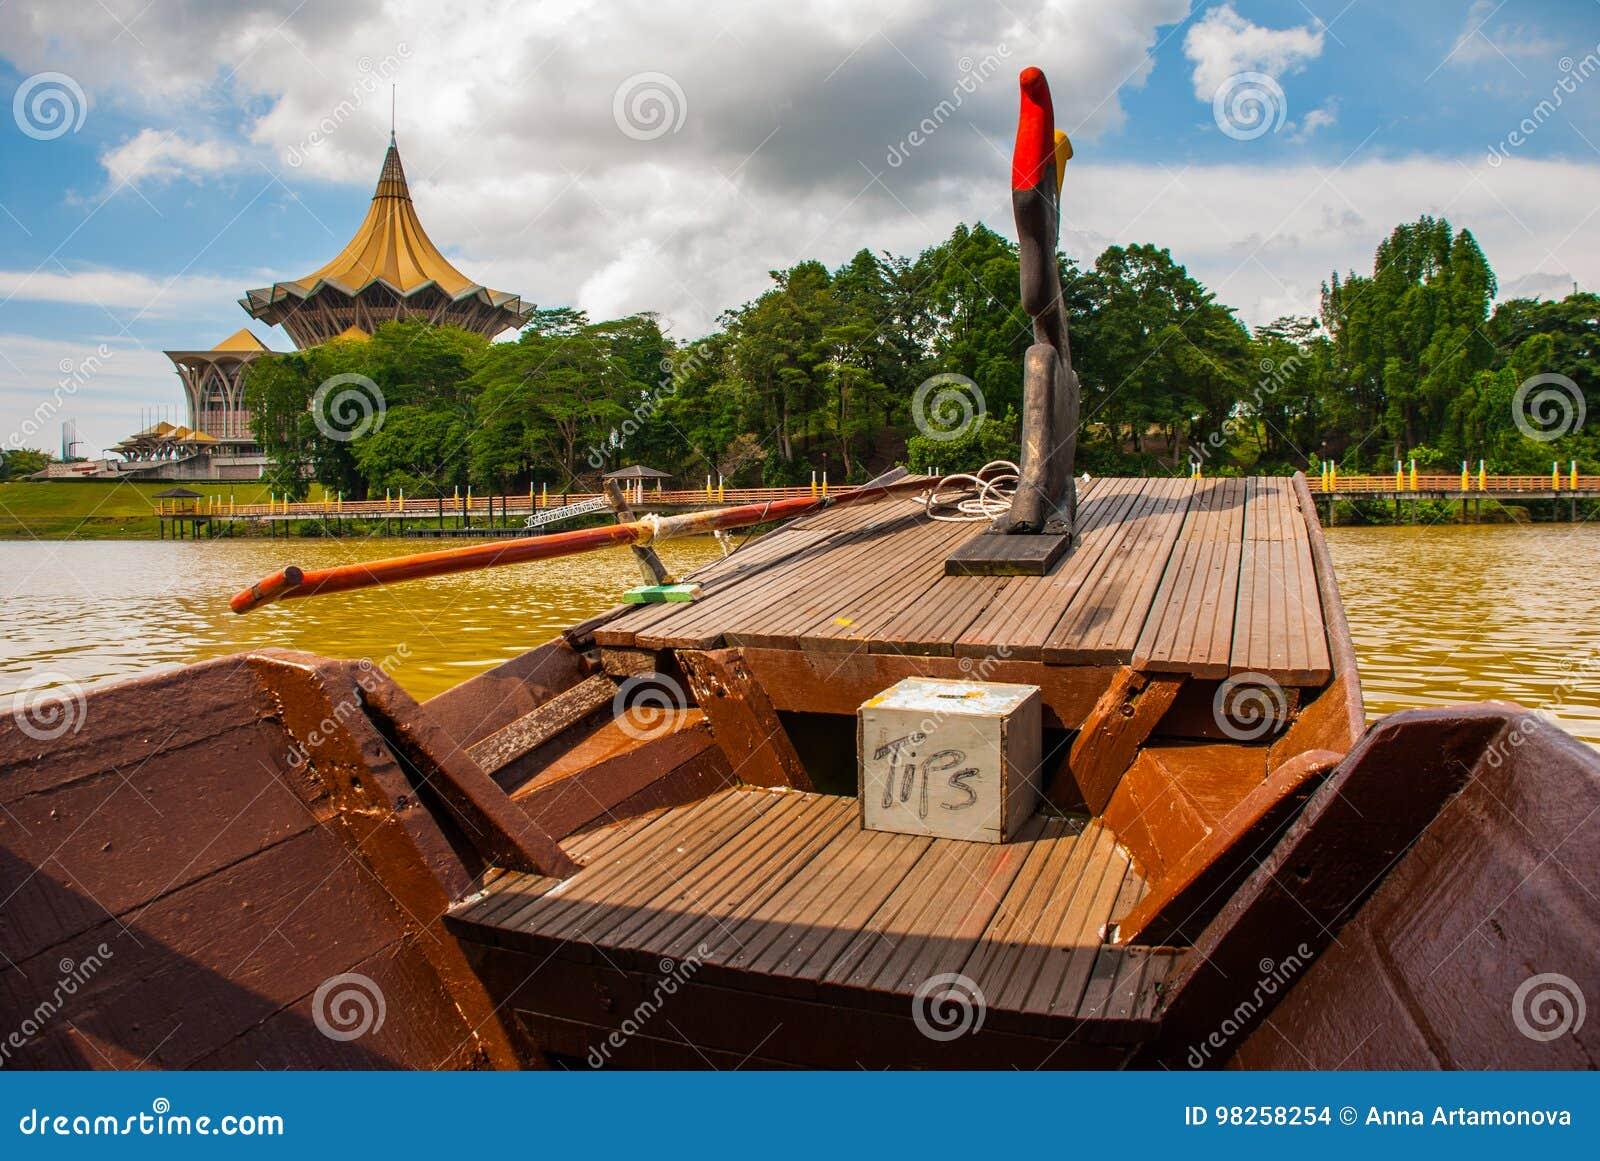 Barco tradicional en el río de Sarawak de la costa en la ciudad de Kuching sarawak borneo malasia